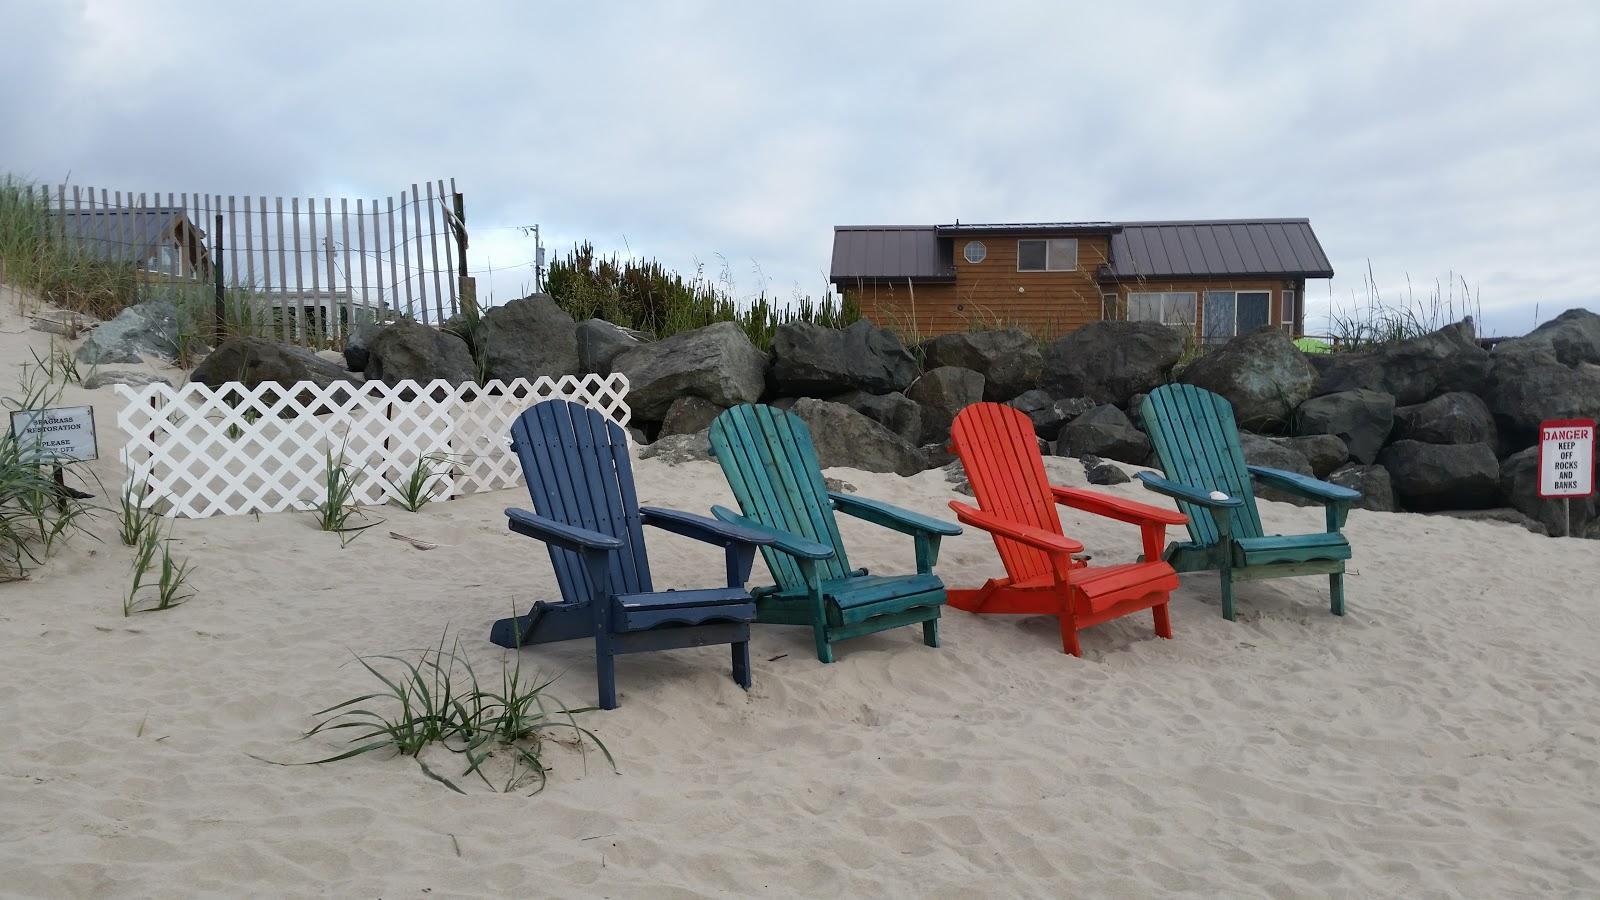 adirondack chairs on beach.jpg